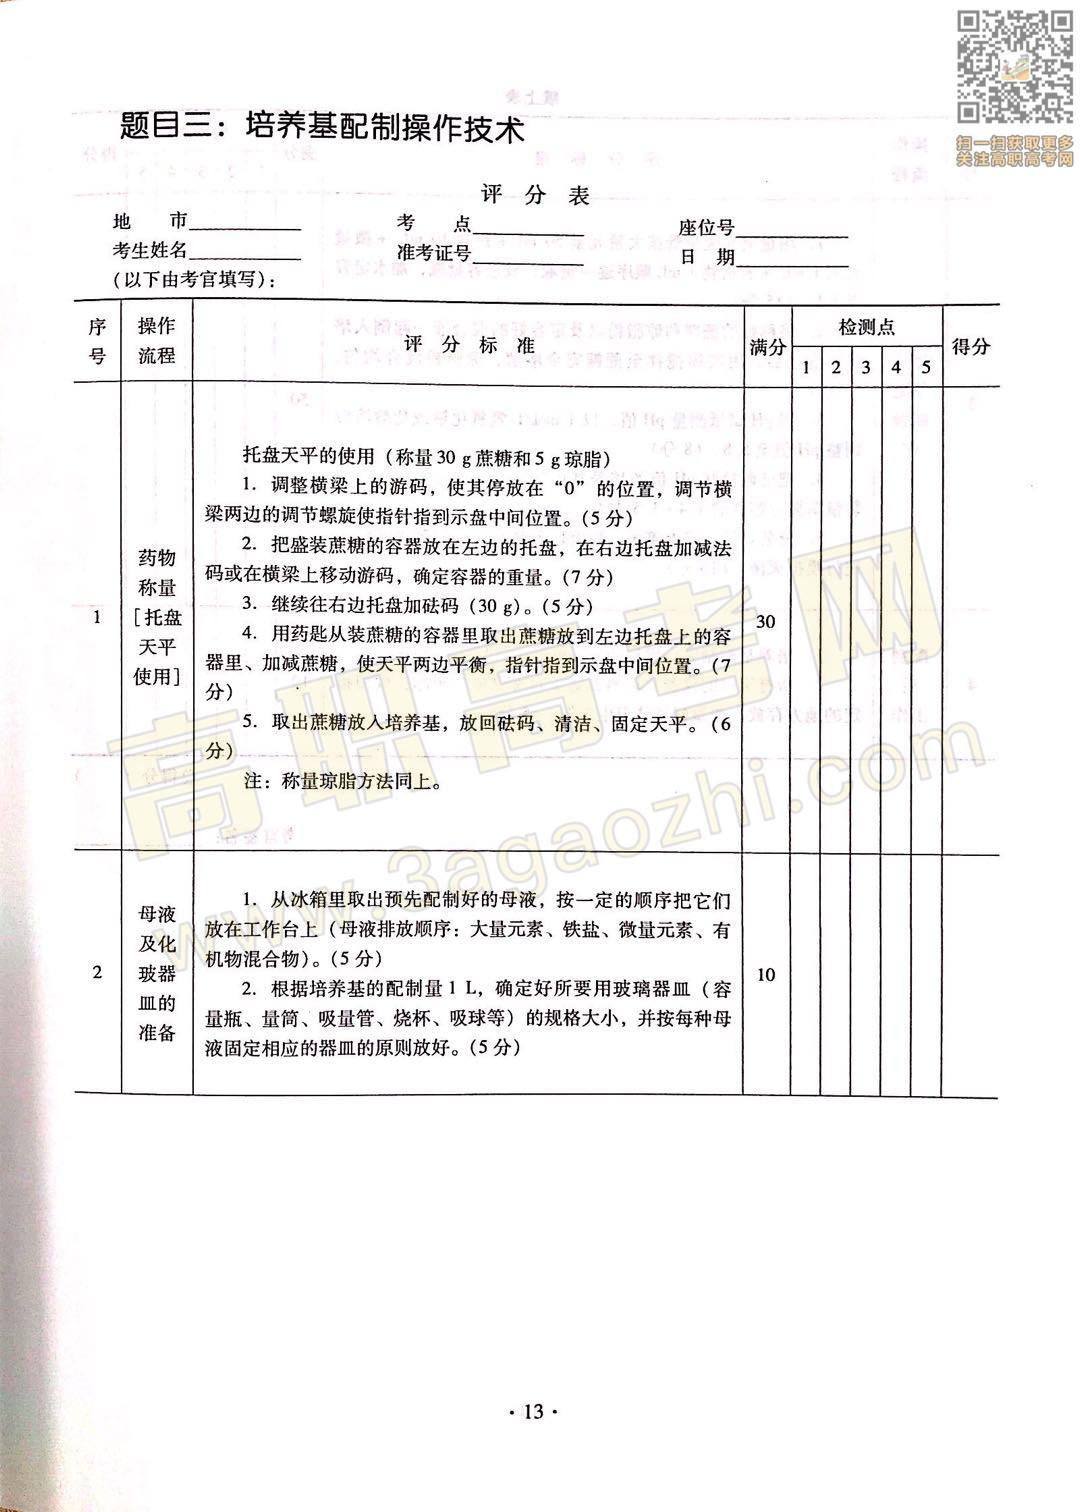 生物技术基础证书,2020年广东中职技能课程考试大纲及样题